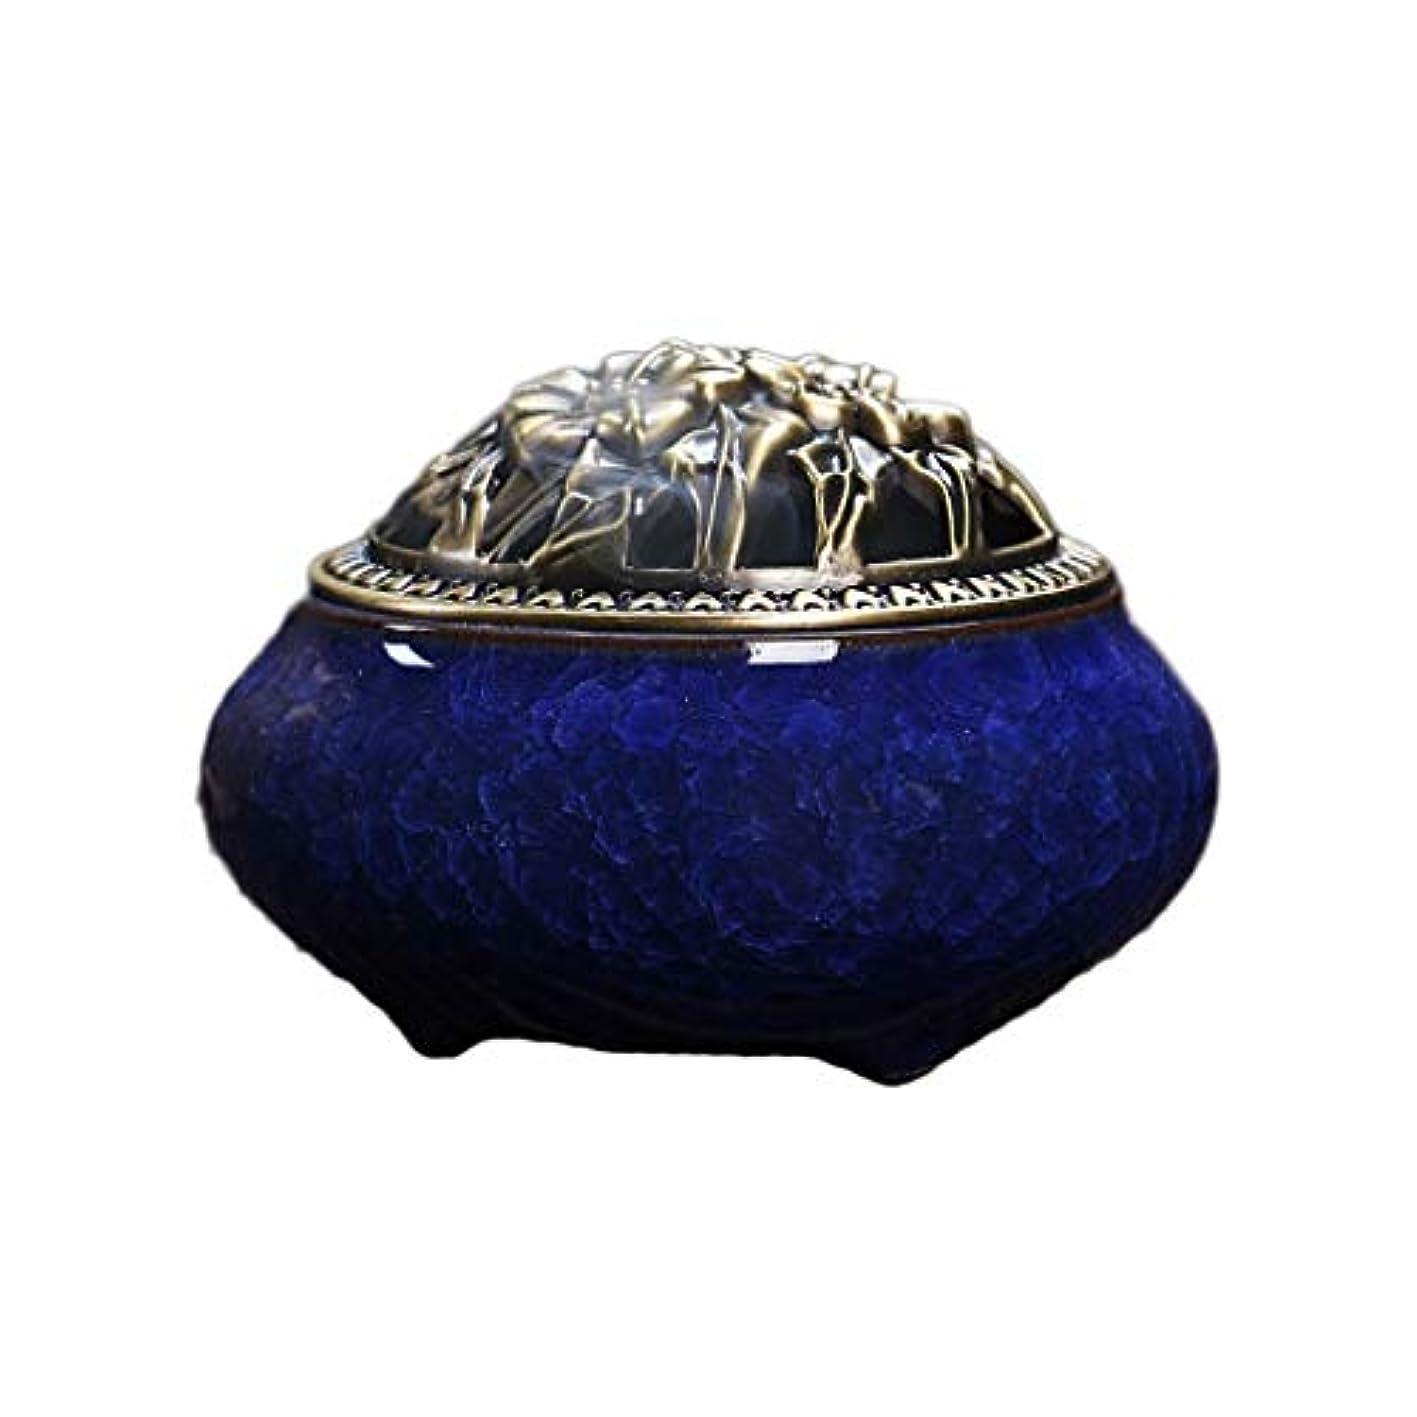 ドレイン物足りない寝室を掃除する磁器セラミック香炉灰キャッチャー香スティック/コーン/コイルバーナーホルダーホームルーム仏教の装飾香ホルダー (Color : Blue)